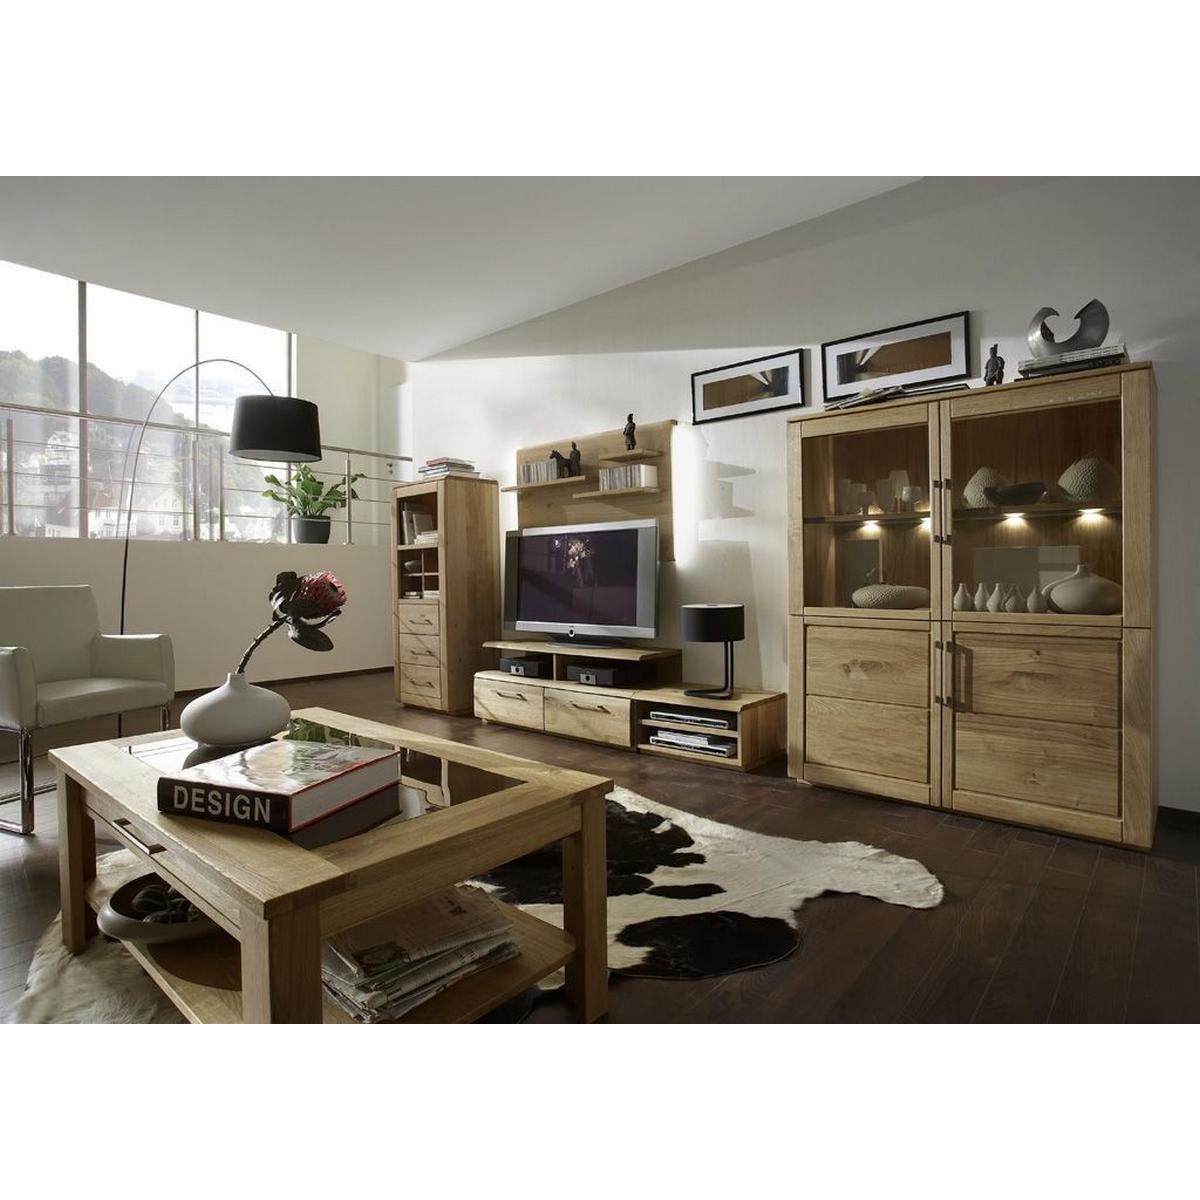 Schlafzimmer Natur : Schlafzimmer Komplett Natur  komplett Massivholz Wohnzimmer komplett